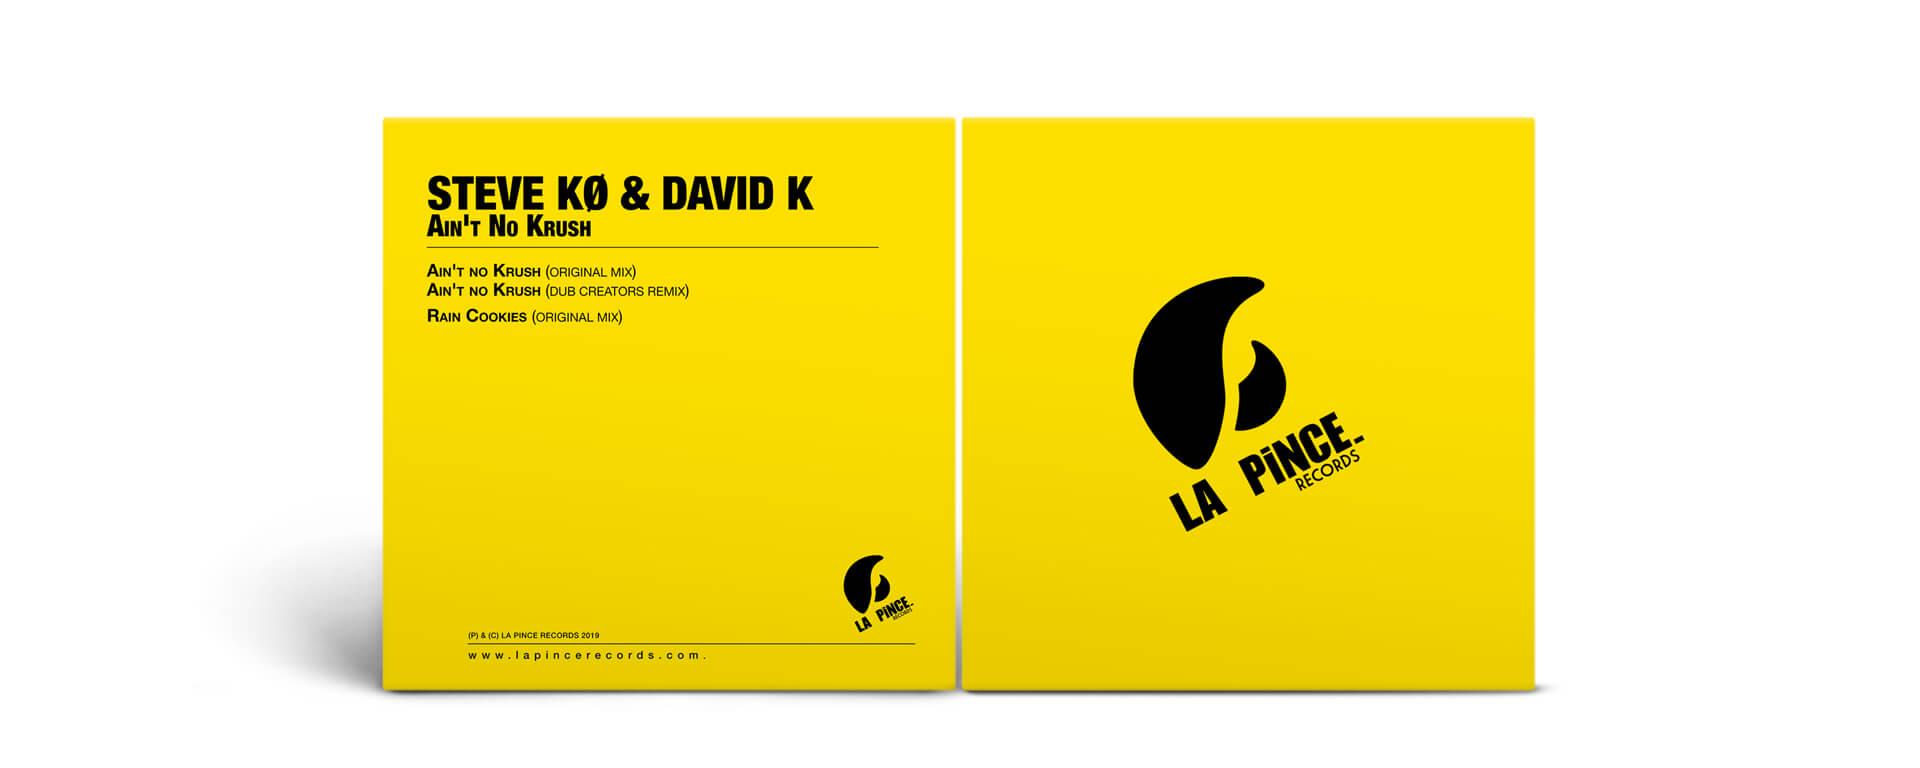 STEVE KO & DAVID K – Ain't No Krush – DIGITAL VERSION